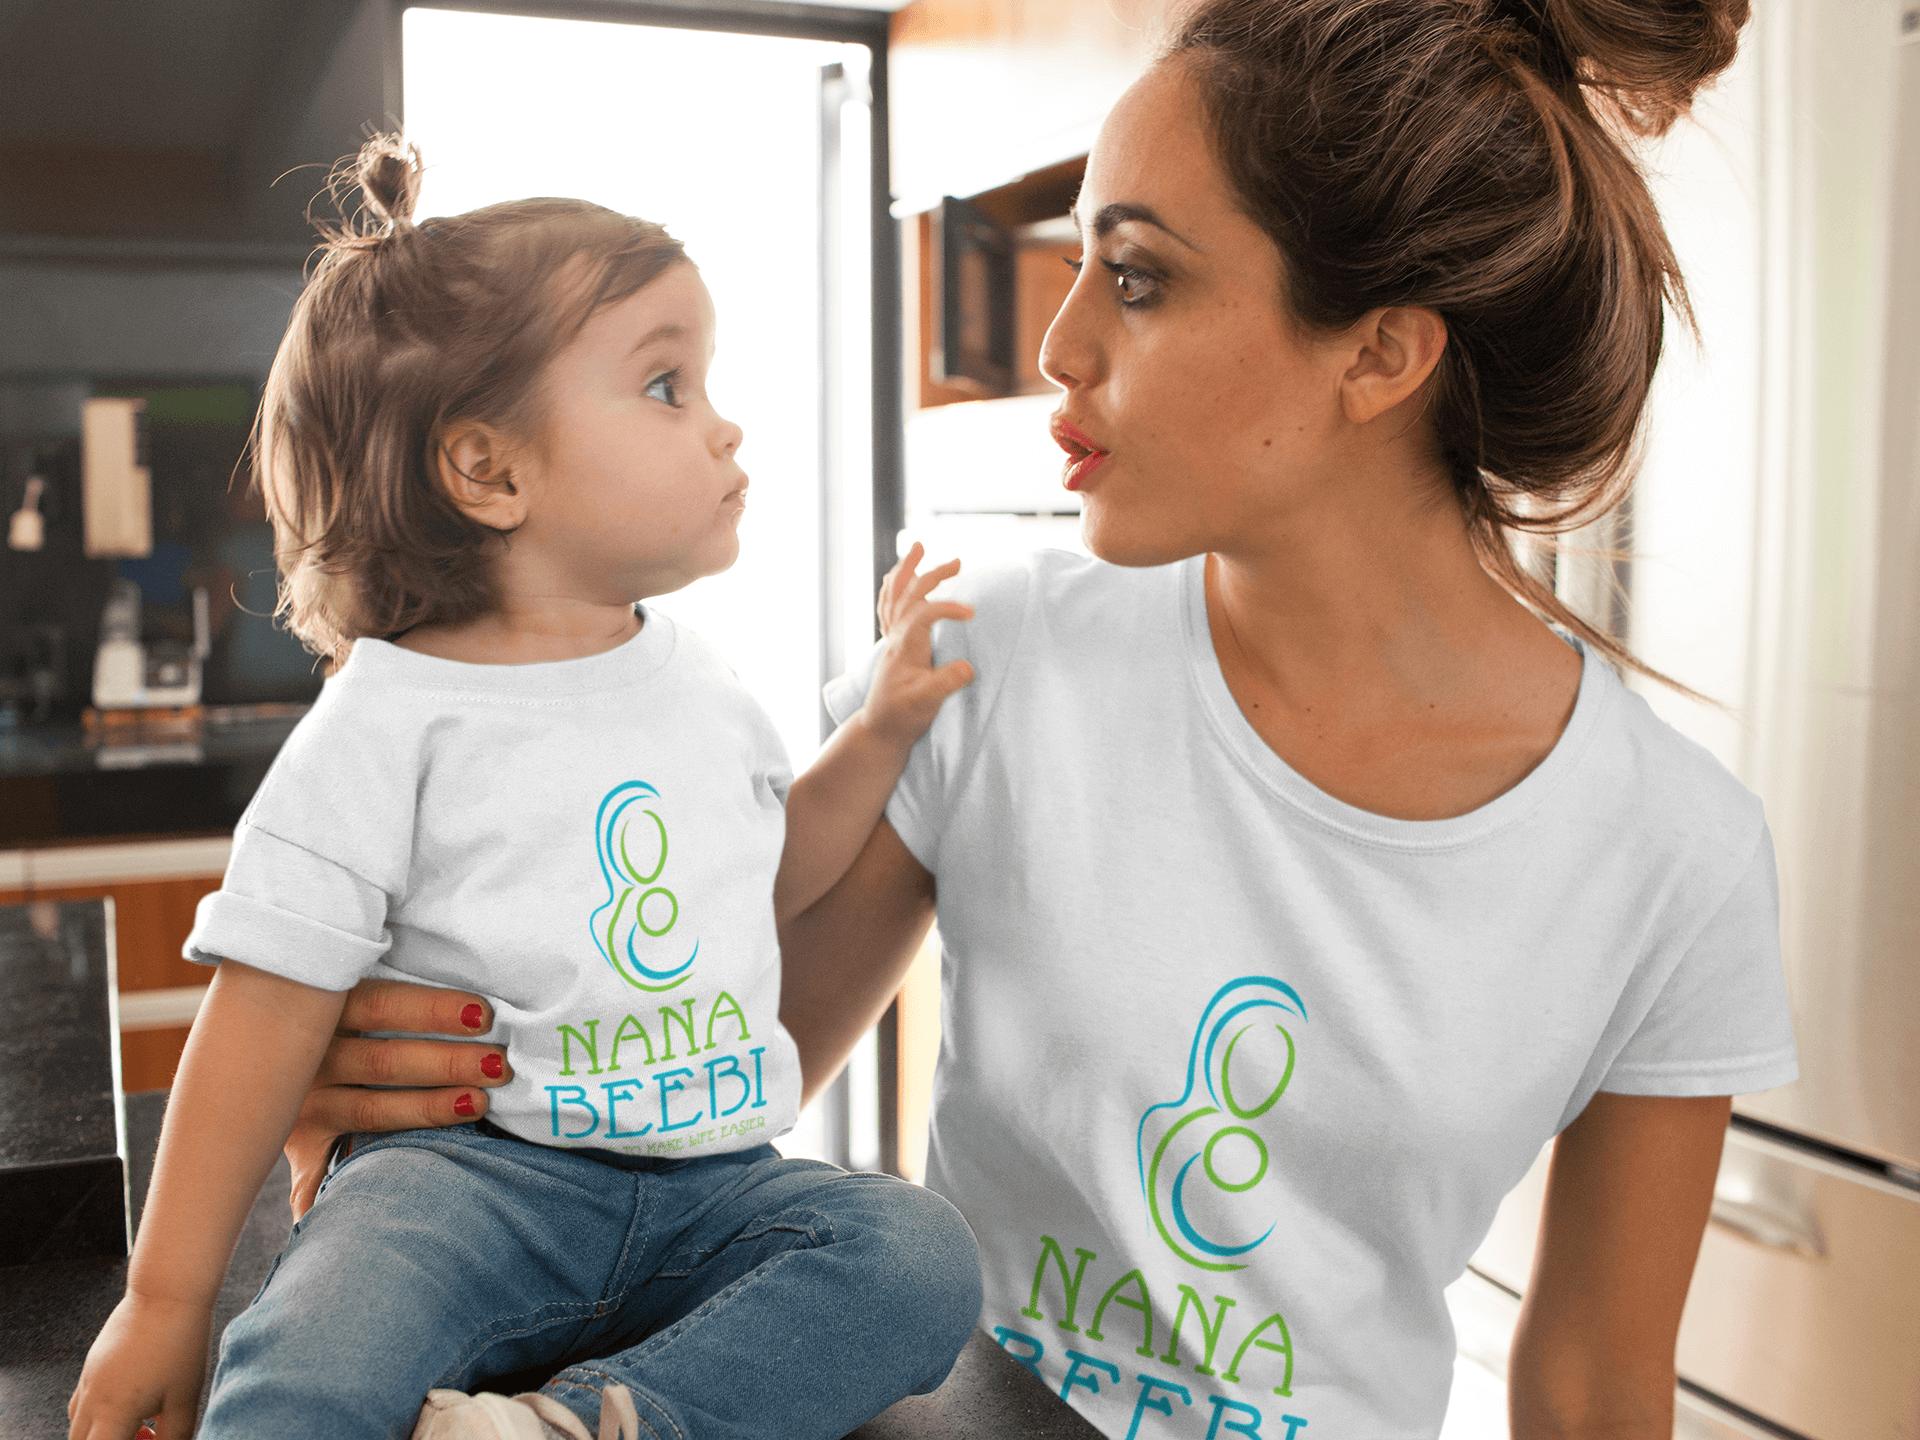 Het leven van een moeder is mooi. Soms kan het ook zwaar zijn. Vind de balans tussen moeder zijn en aandacht voor jezelf. Coaching voor moeders. - NanaBeebi - Nanabeebi luiertas rugzak - luiertas rugzak - baby tas - baby luiertas - babyvoeding